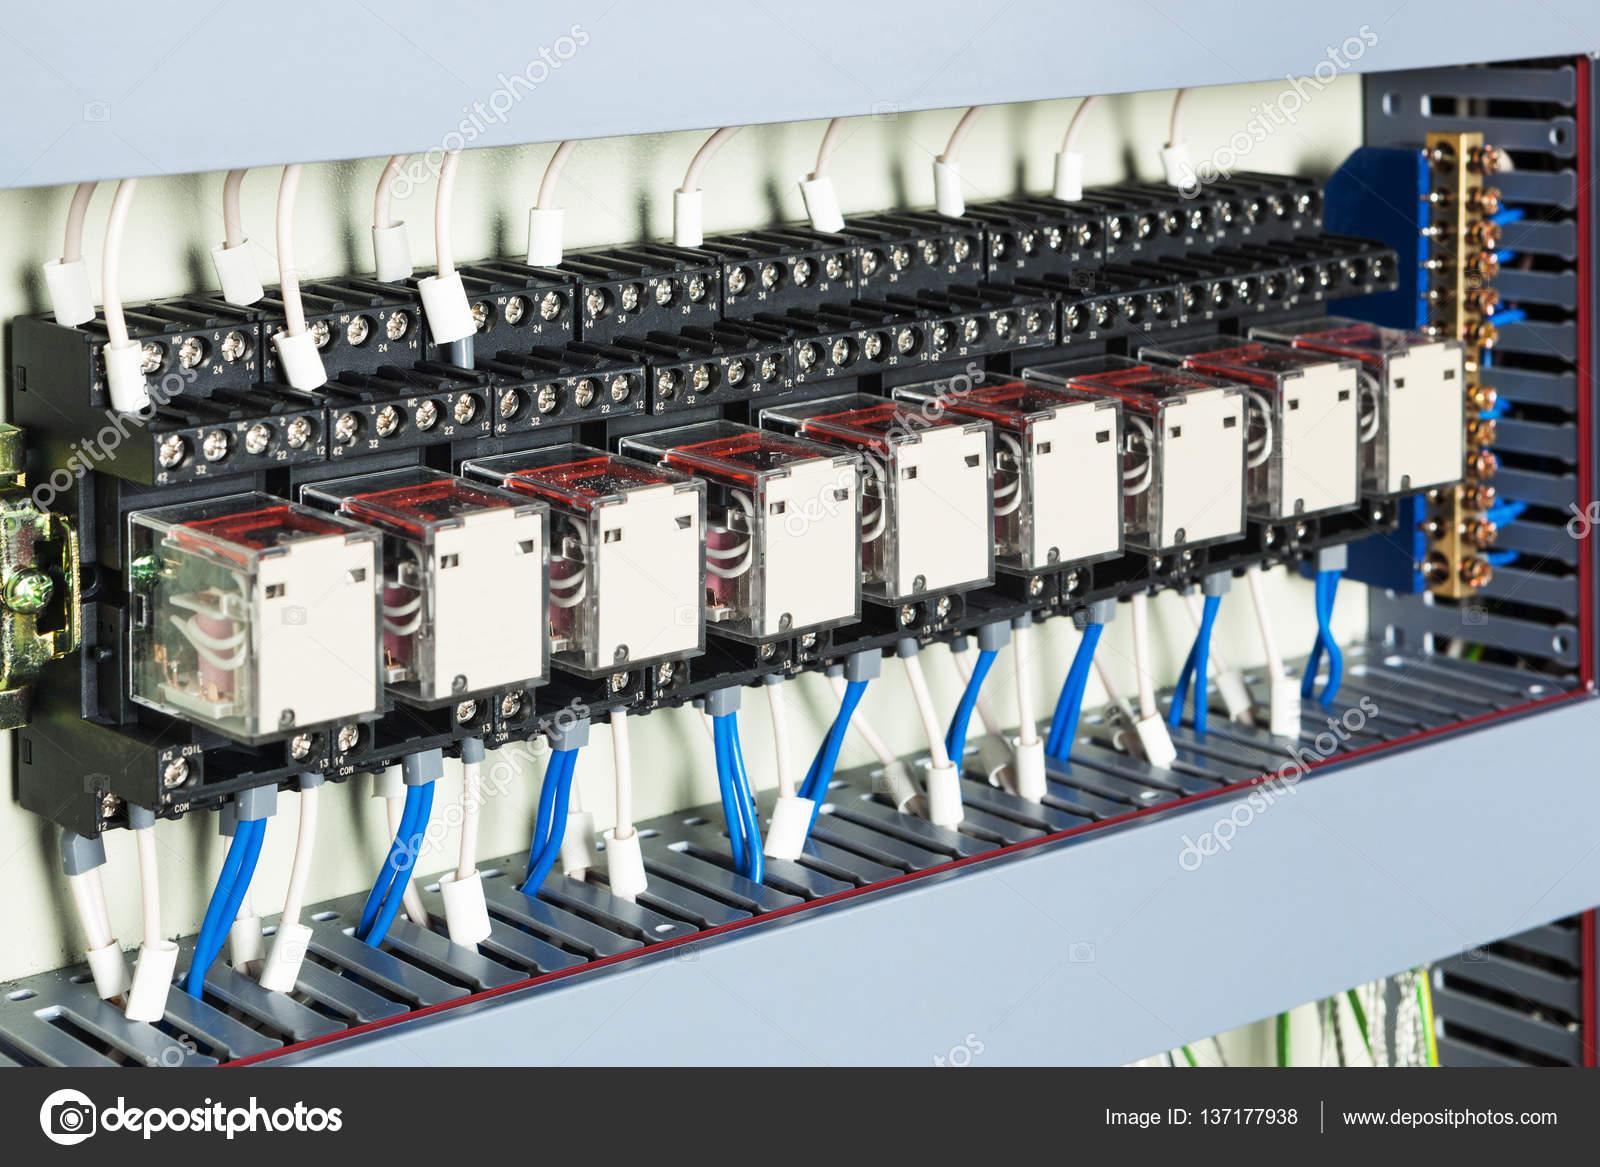 elektrische Verkabelung Sicherung — Stockfoto © igterex #137177938